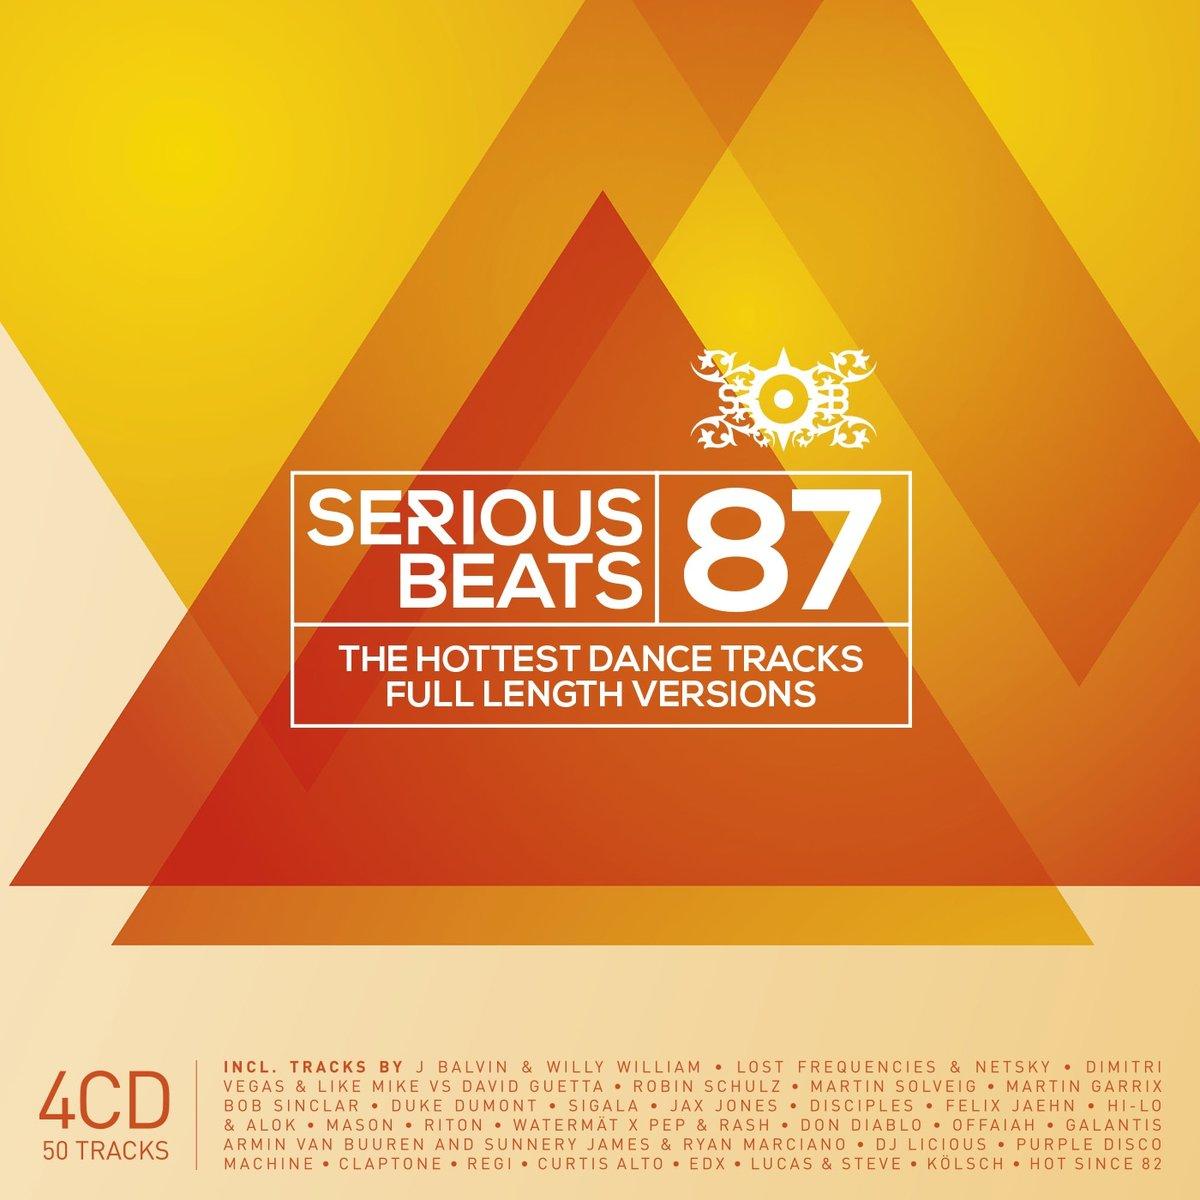 Image of VARIOUS ARTISTS -  SERIOUS BEATS 87 (4CD)